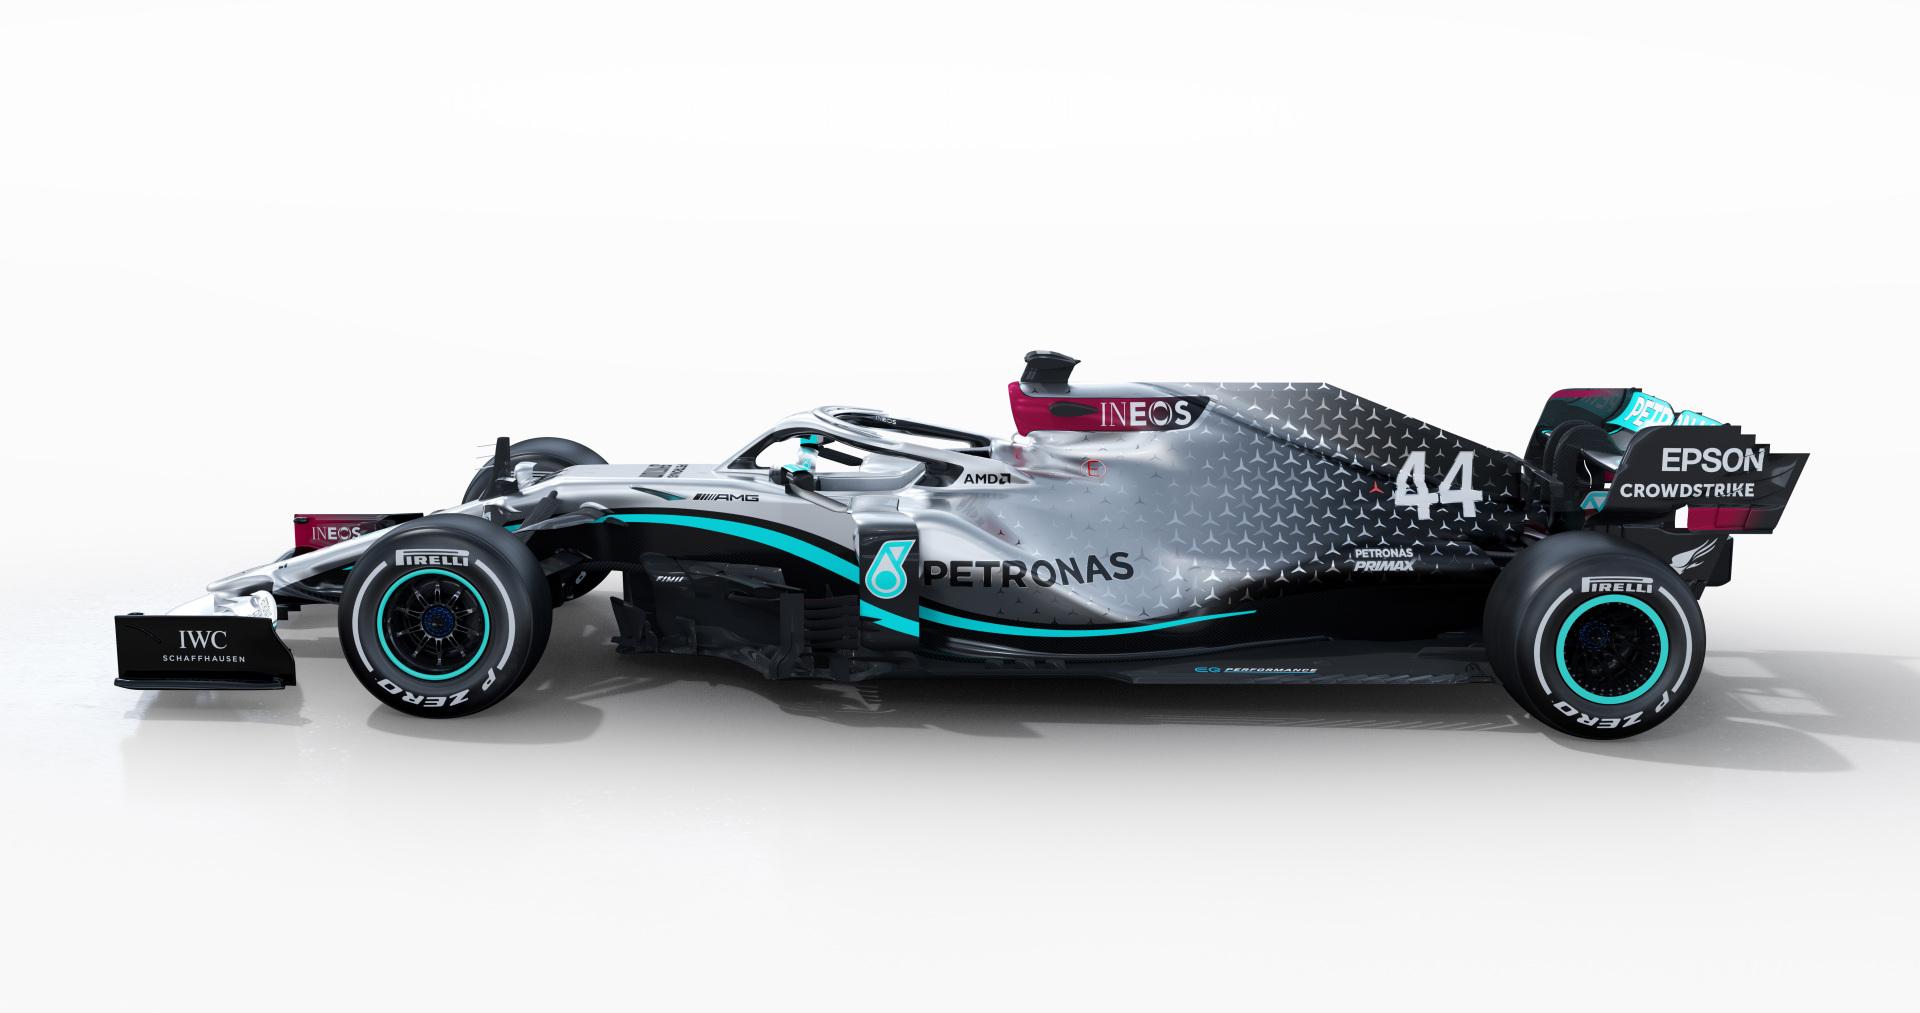 Mercedes го претстави новиот W11 во Силверстон! / ФОТО+ВИДЕО